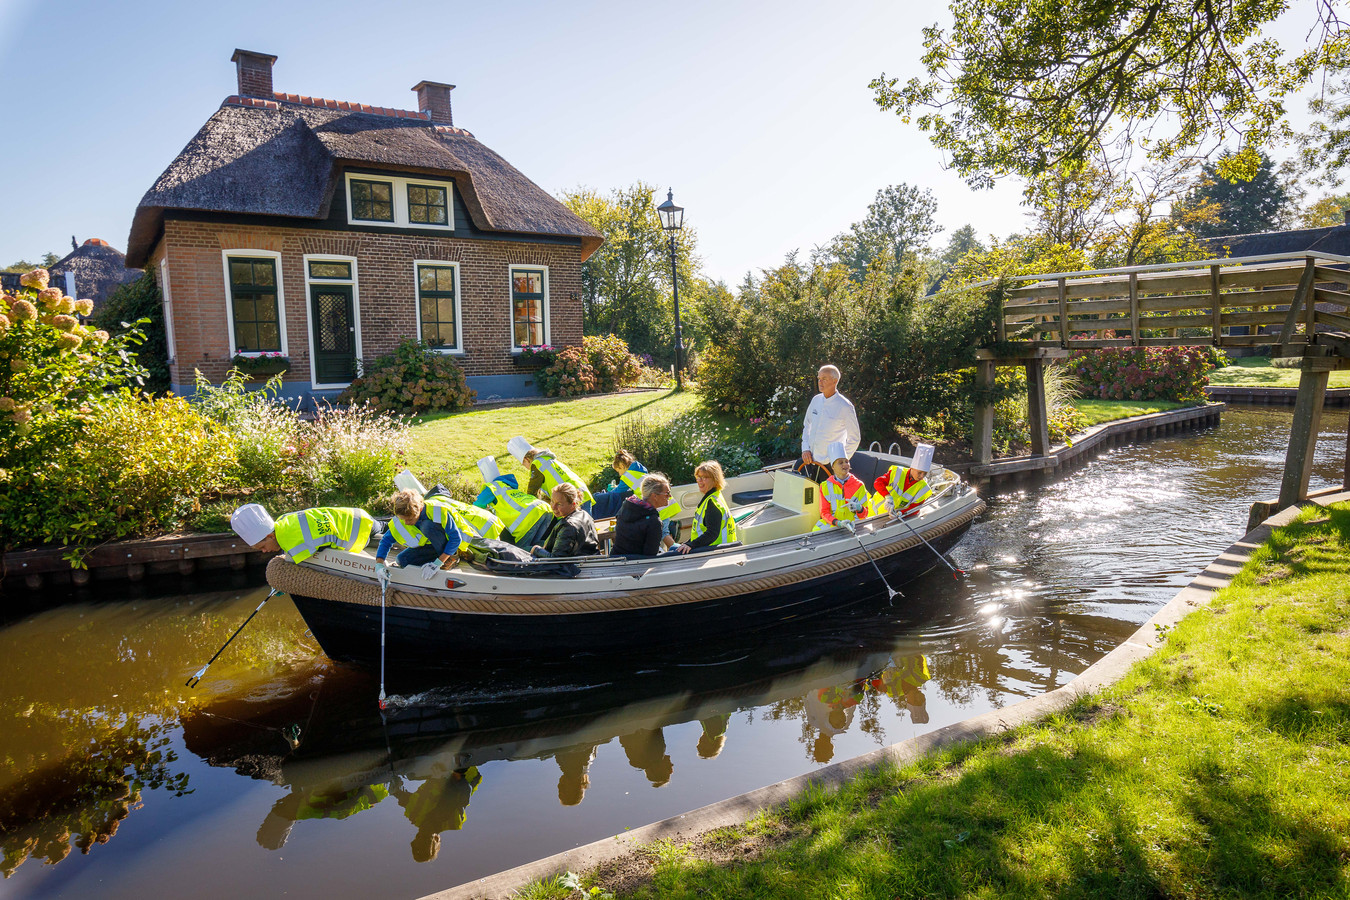 Van plastic soep naar groentensoep. Chefkok Martin Kruithof van De Lindenhof** in Giethoorn gaat met de jeugd De Wieden in om afval te ruimen en trakteert ze daarna op groentensoep uit eigen moestuin.